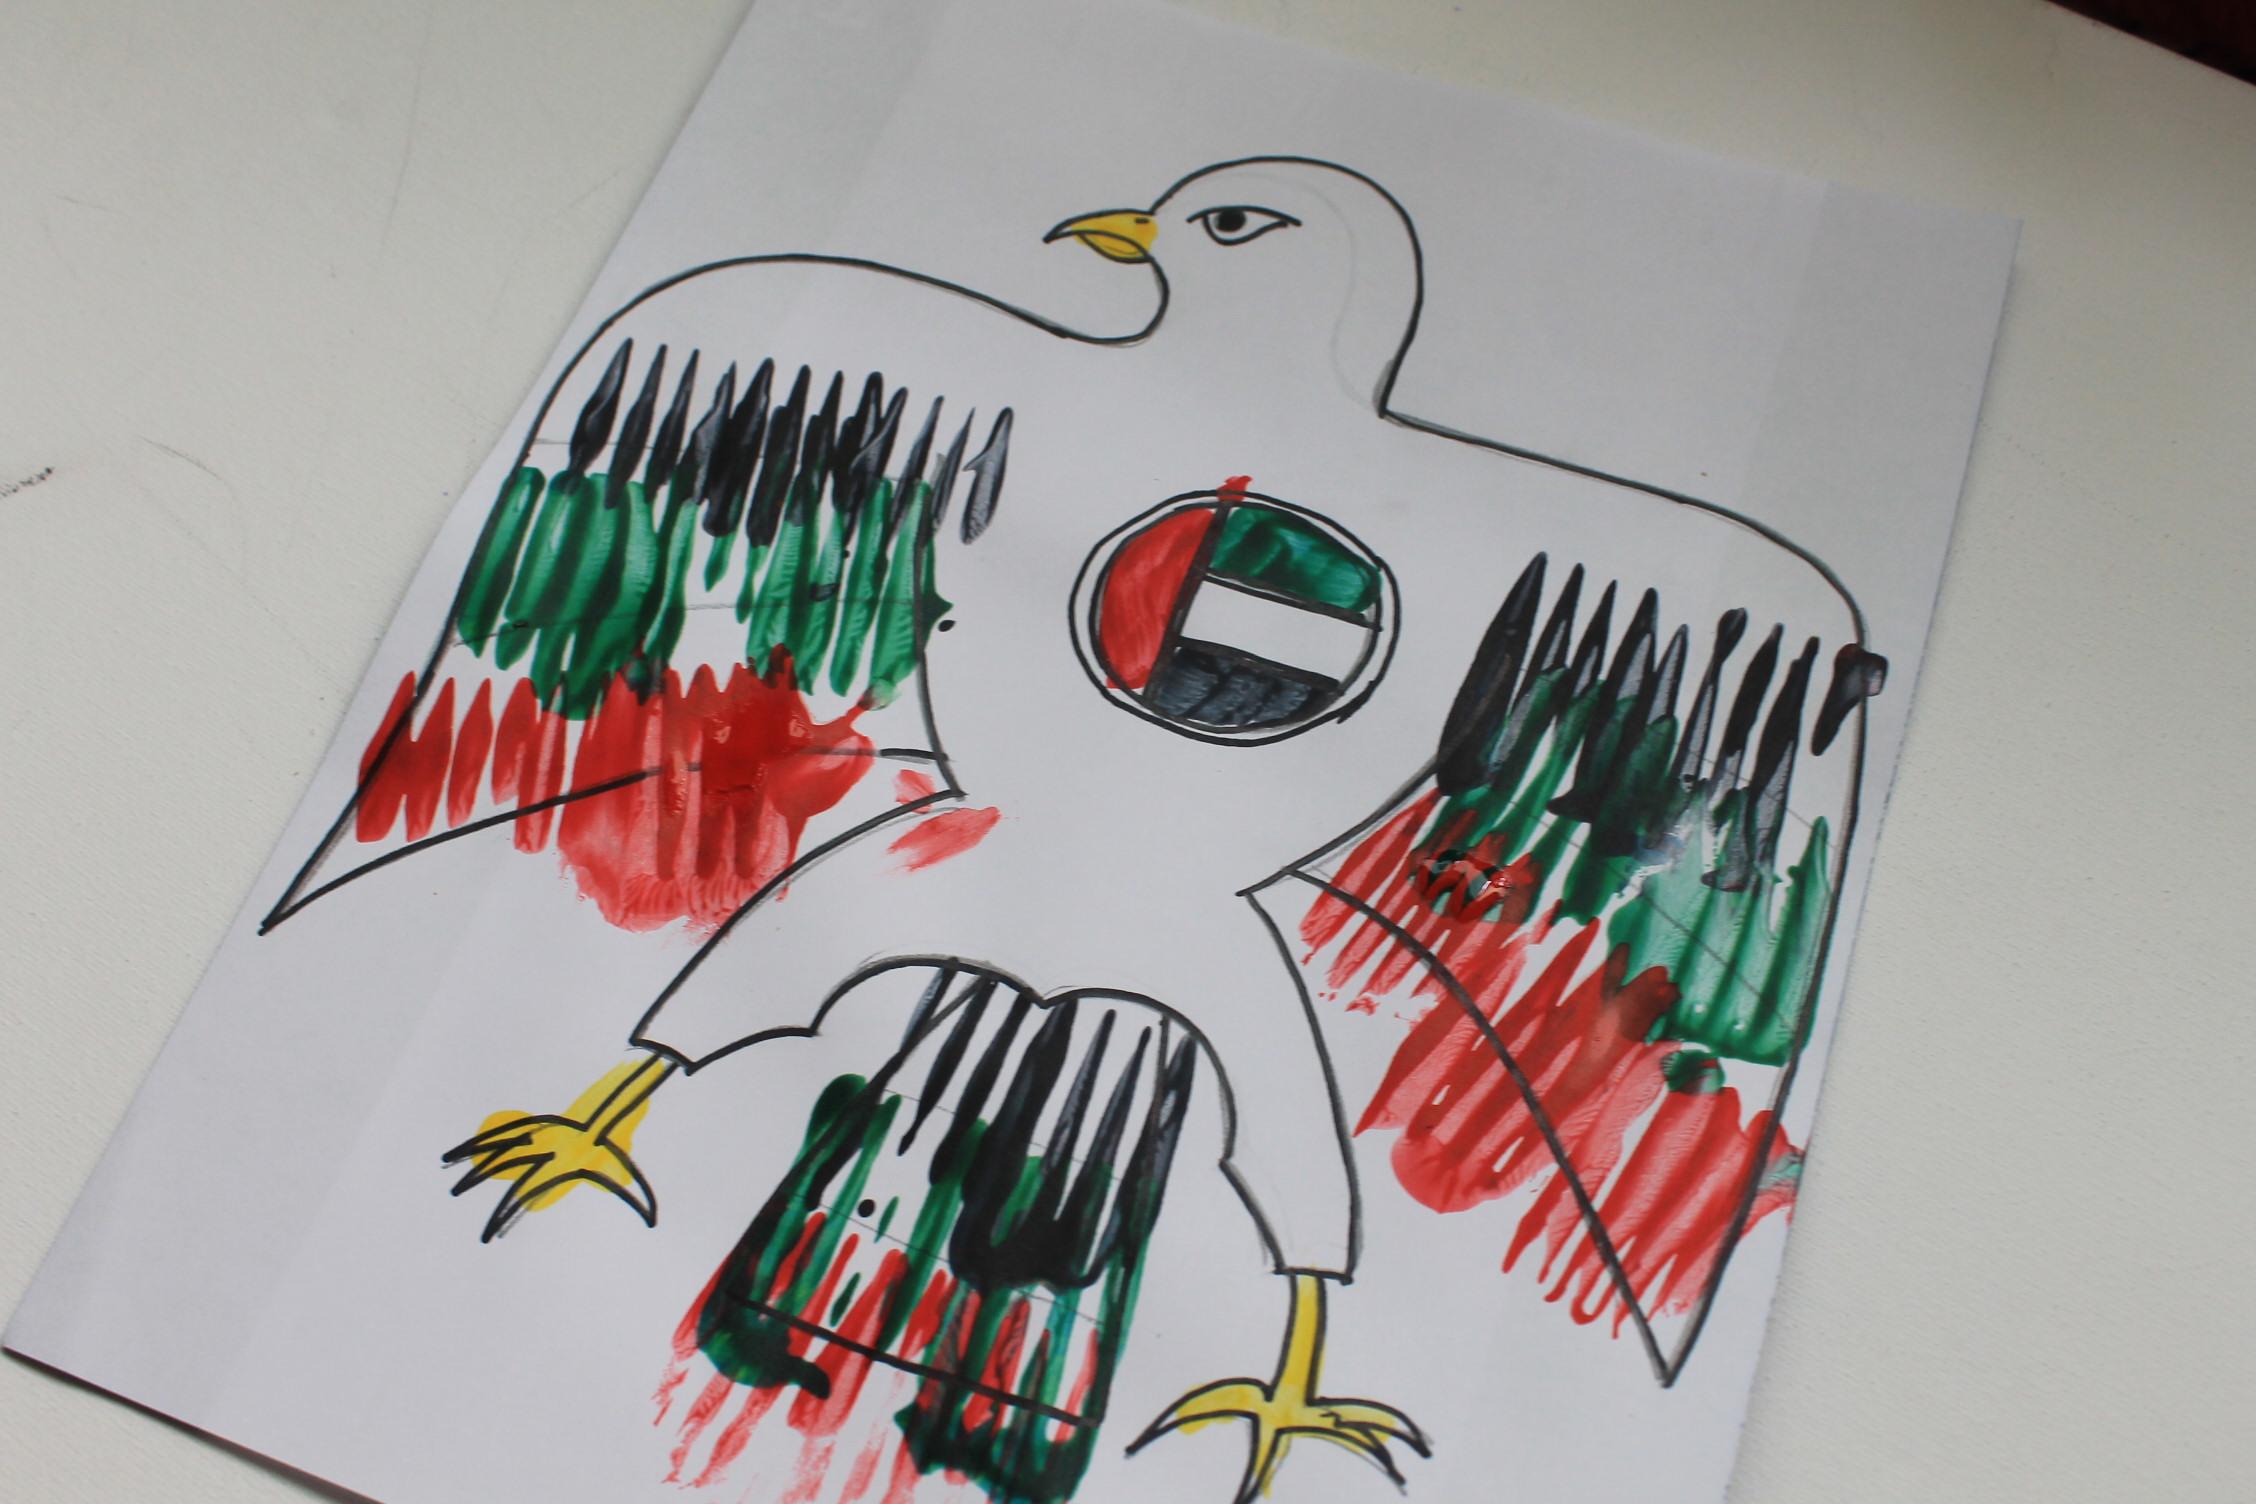 UAE National Day craft: Painting the UAE Emblem